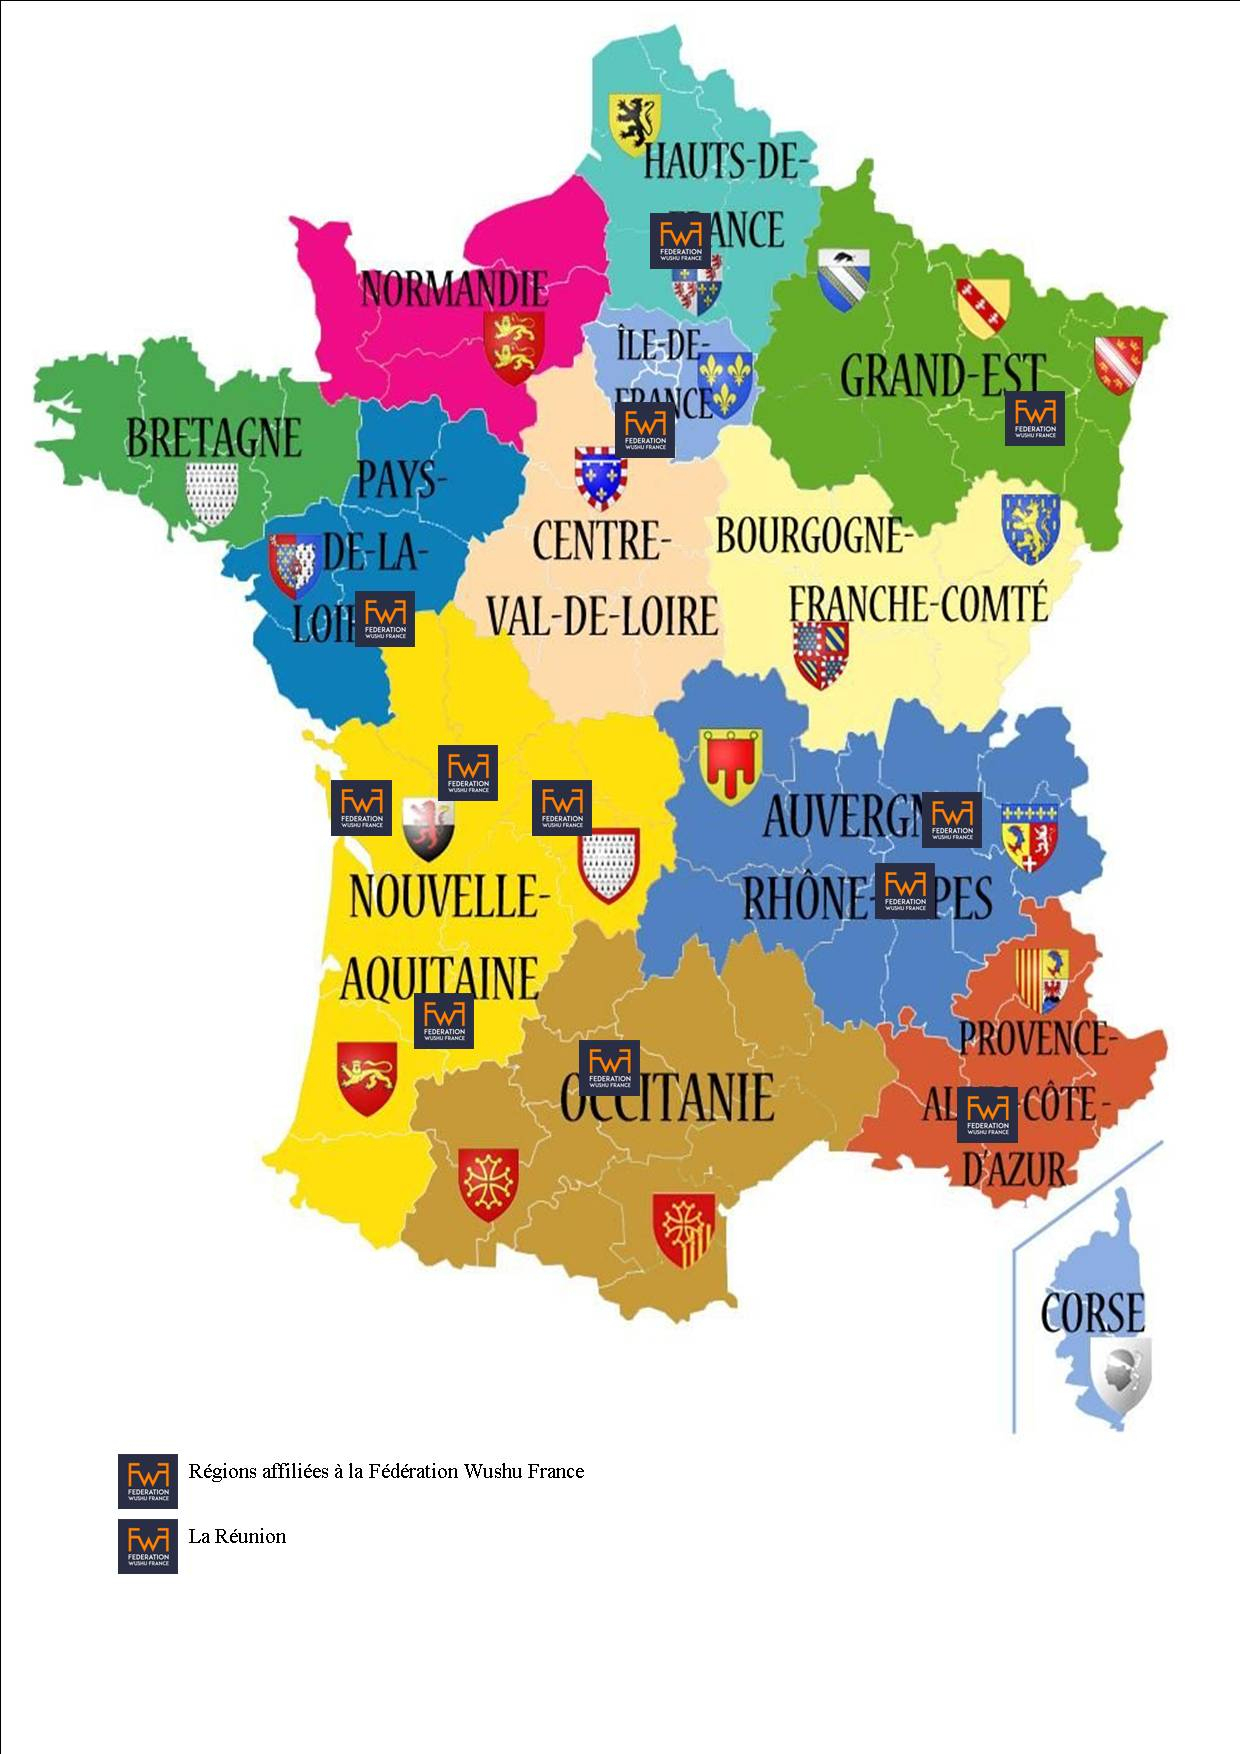 Carte De France Et Ses Régions - Fédération Wushu France intérieur Carte De France Et Ses Régions